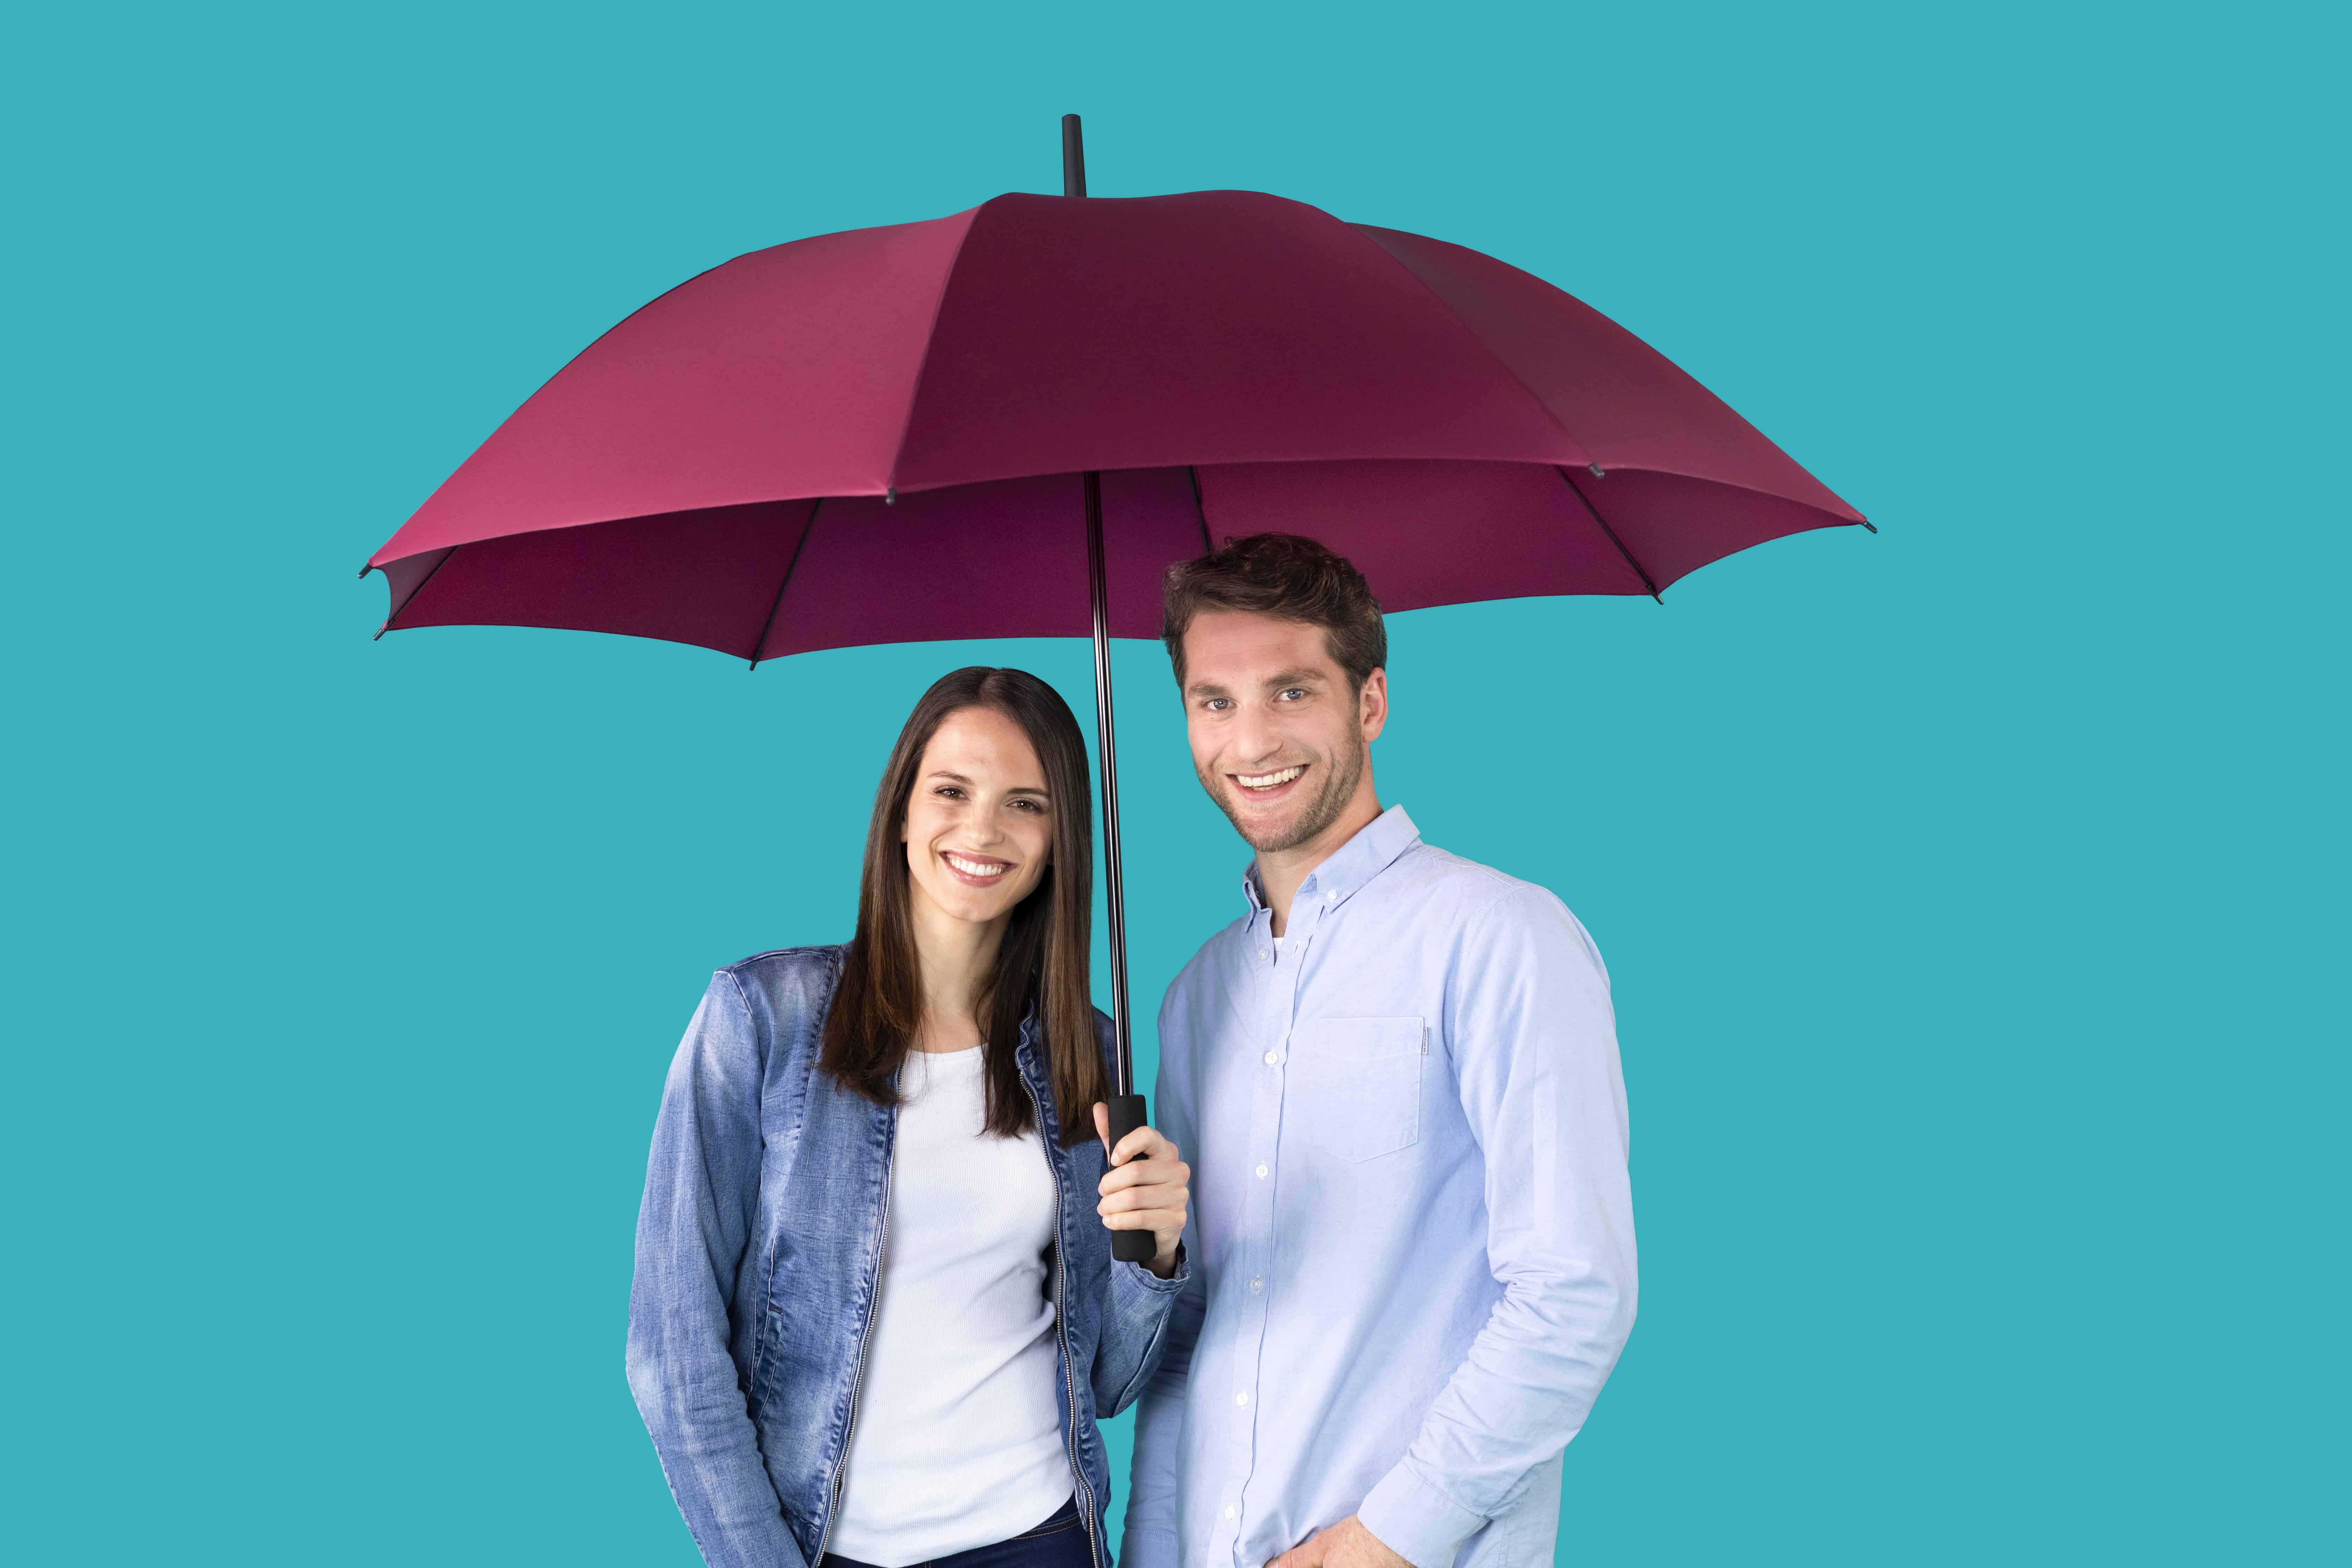 Große Regenschirme